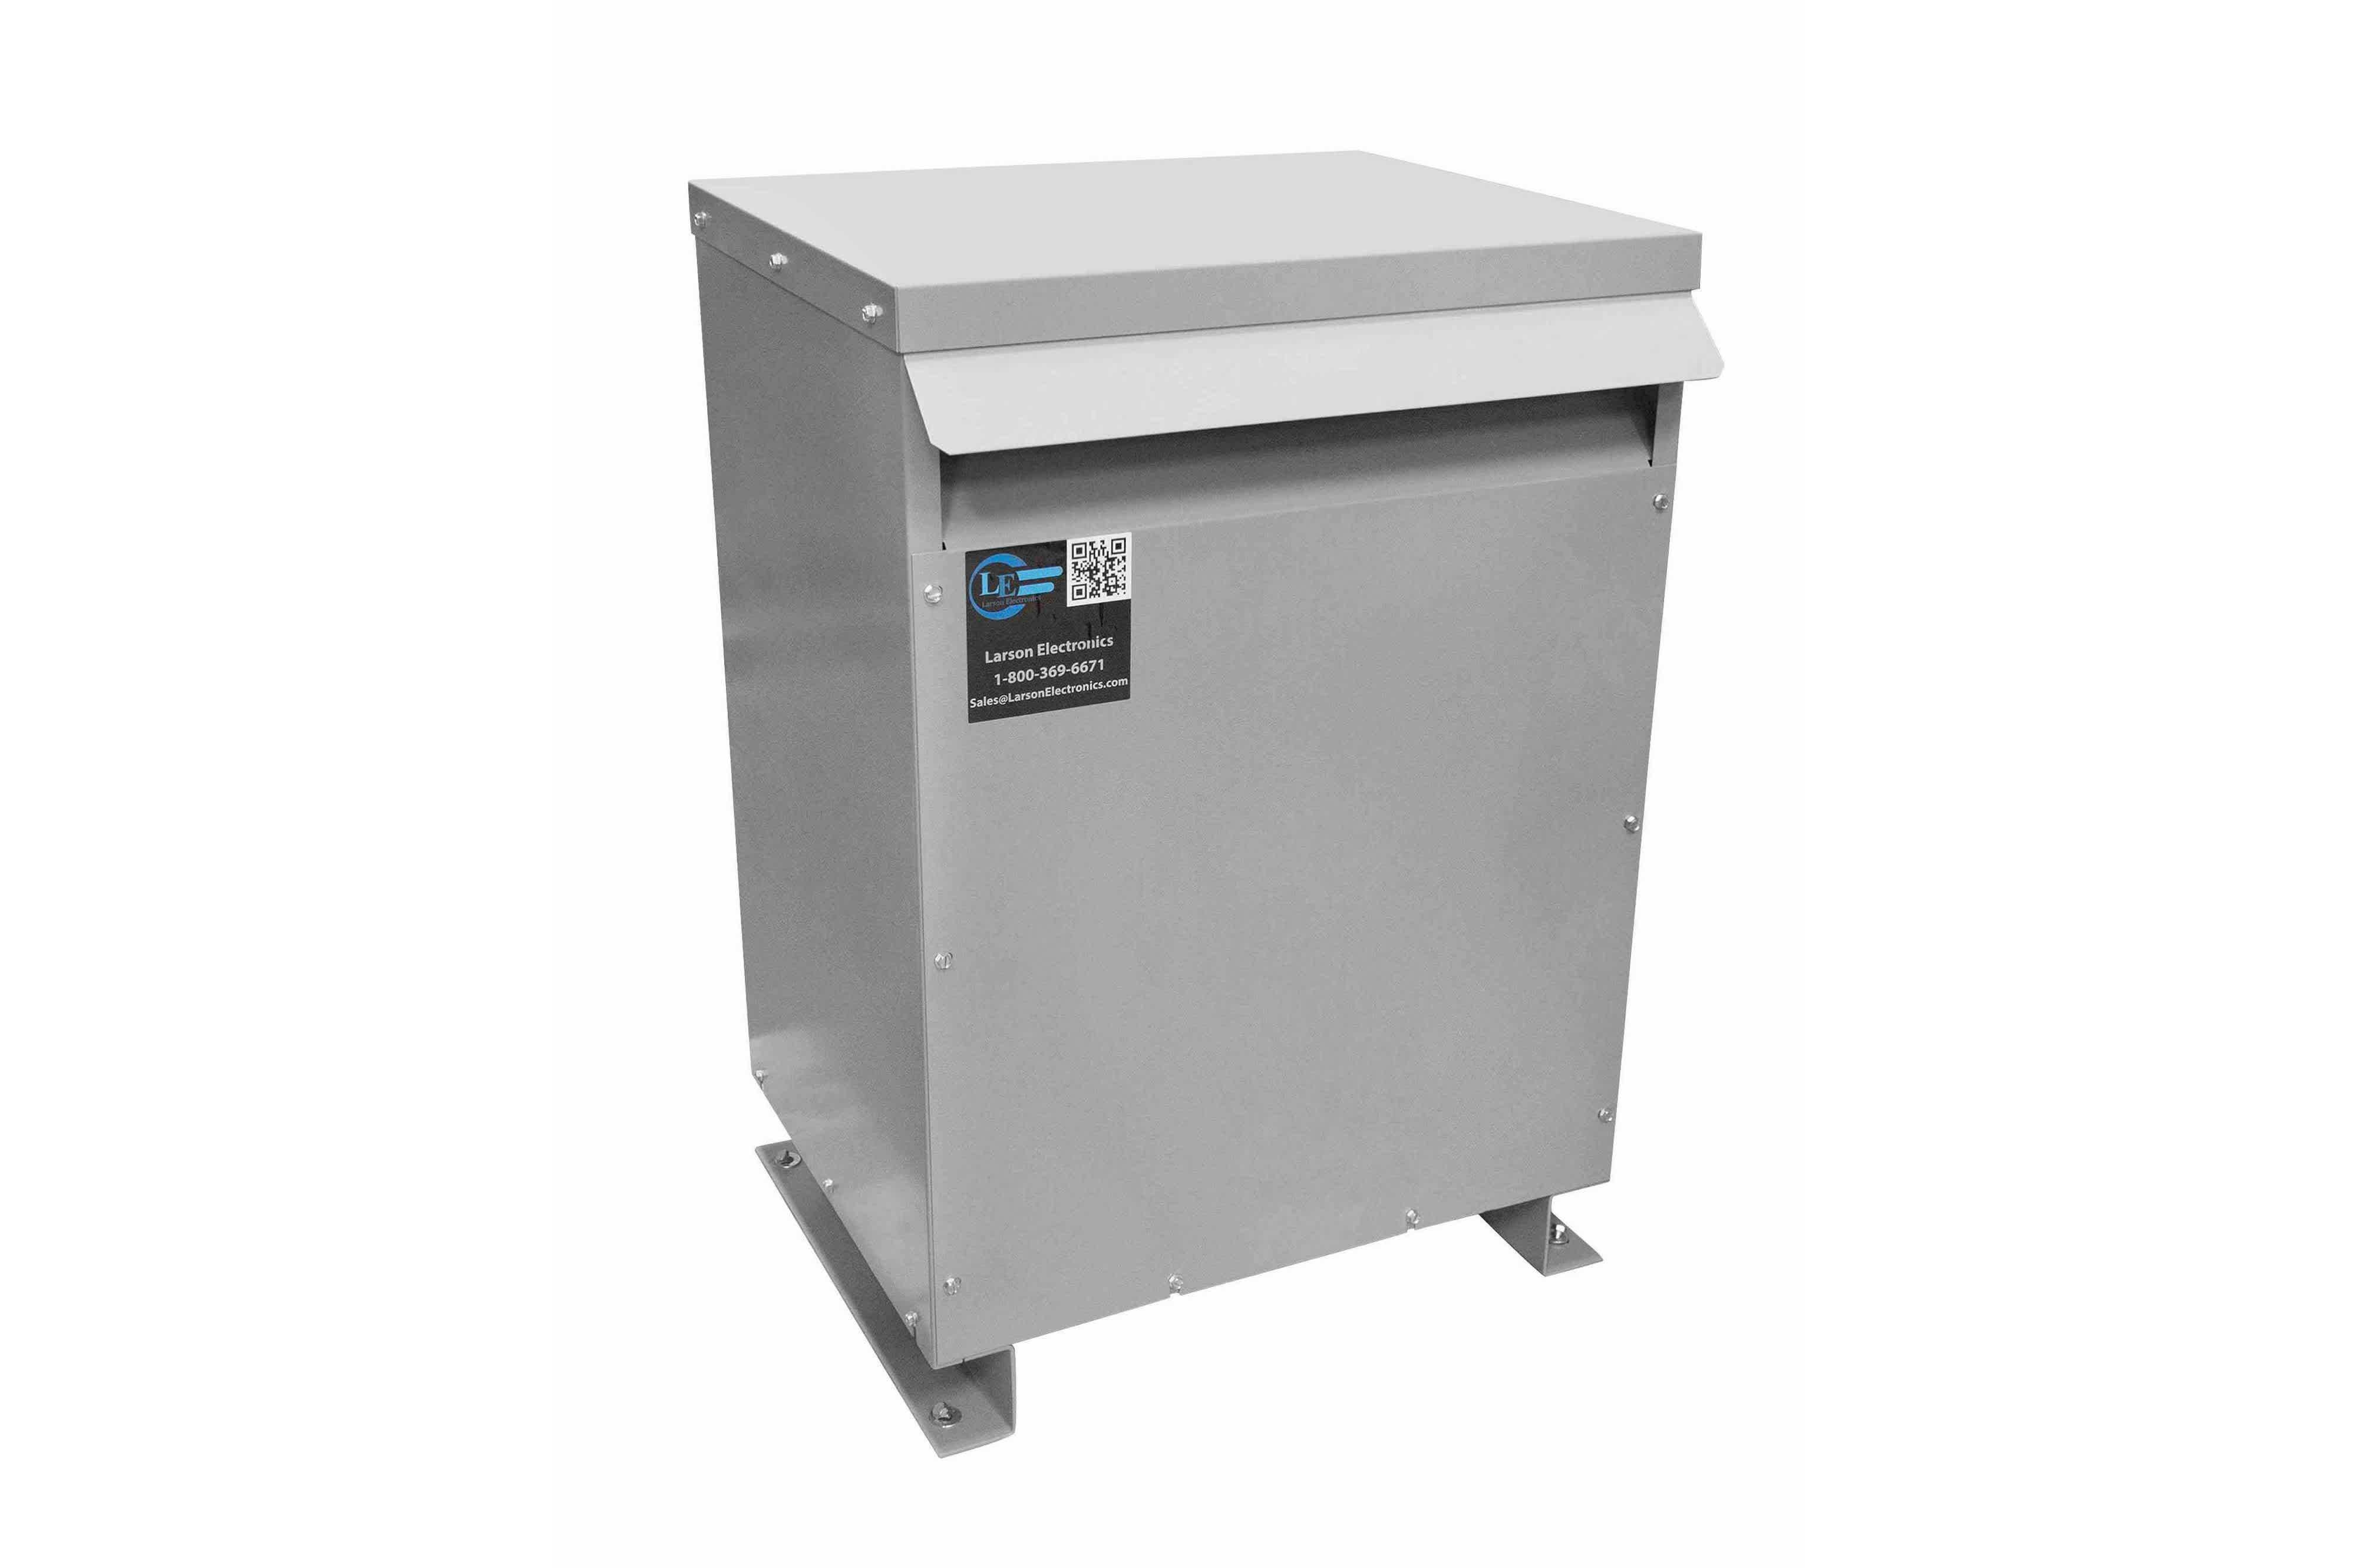 52.5 kVA 3PH Isolation Transformer, 208V Delta Primary, 208V Delta Secondary, N3R, Ventilated, 60 Hz